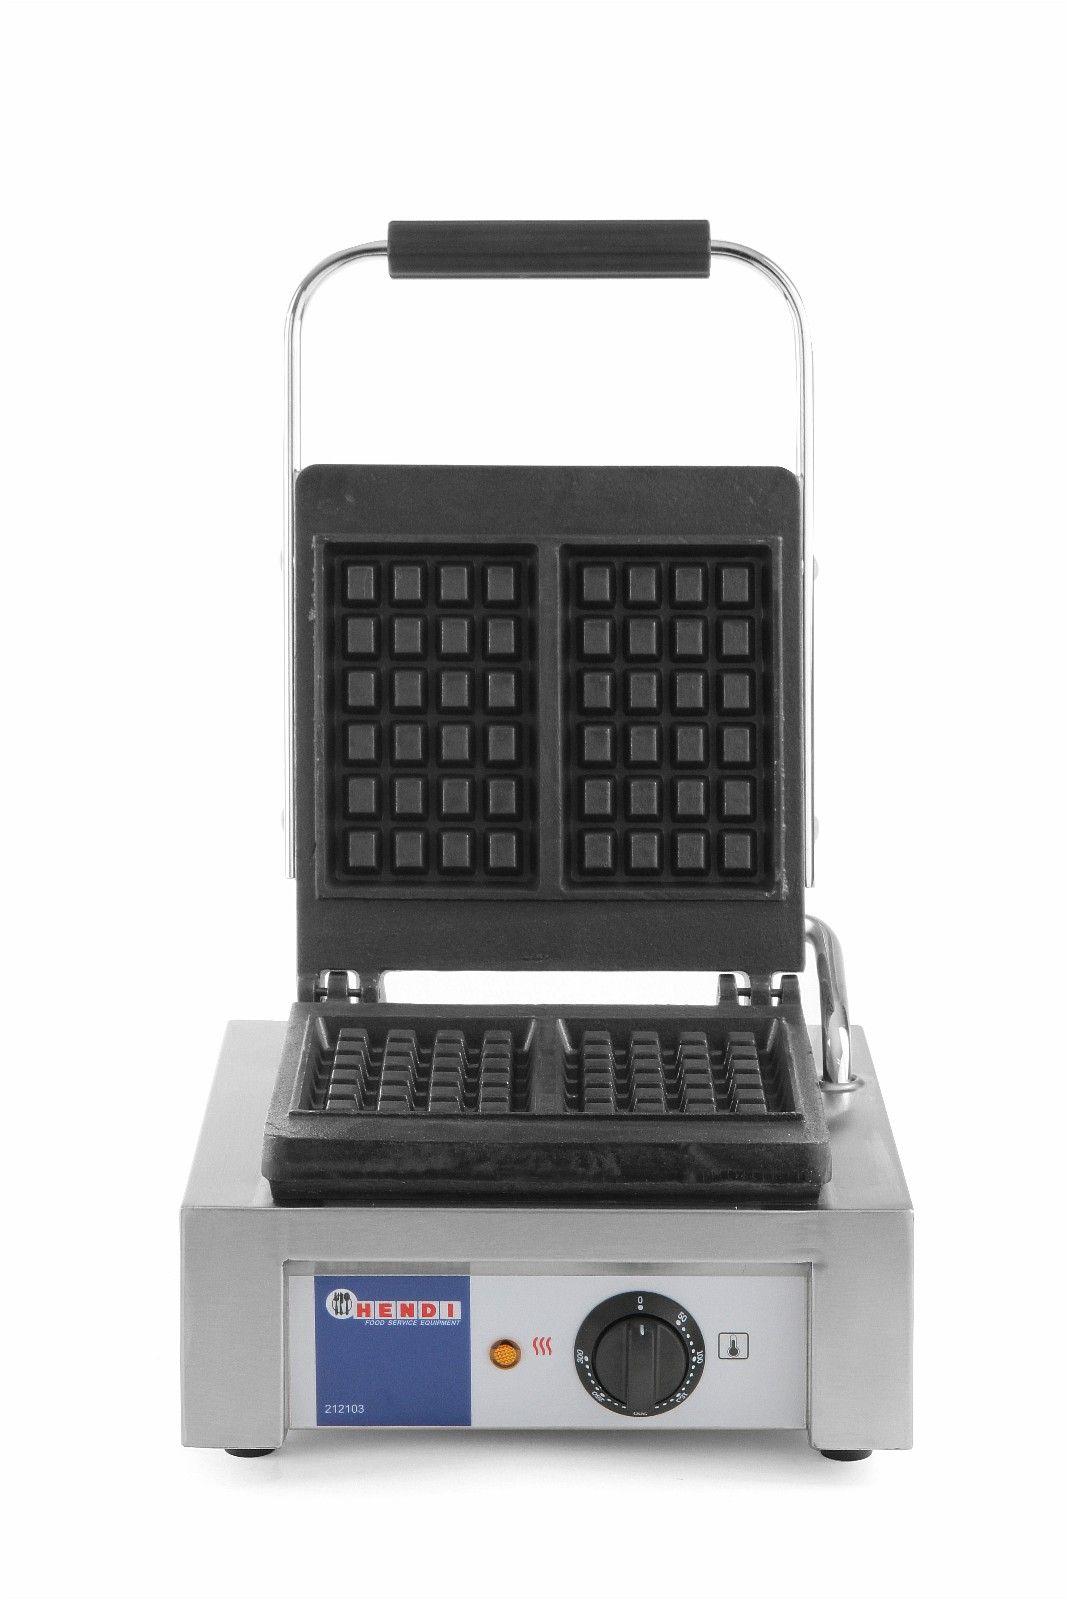 BELGISK VAFFELJERN - Oslo  - Waffle maker.Belgiske vaffler.  Støpejernsoverflate med non-stick belegg. Termostatstyrt. Avtagbart dryppbrett. Gir 2 stk vaffler.  EffekT. 1500W-1 fase. Mål (BxDxH)= 32x48x22,6cm & - Oslo